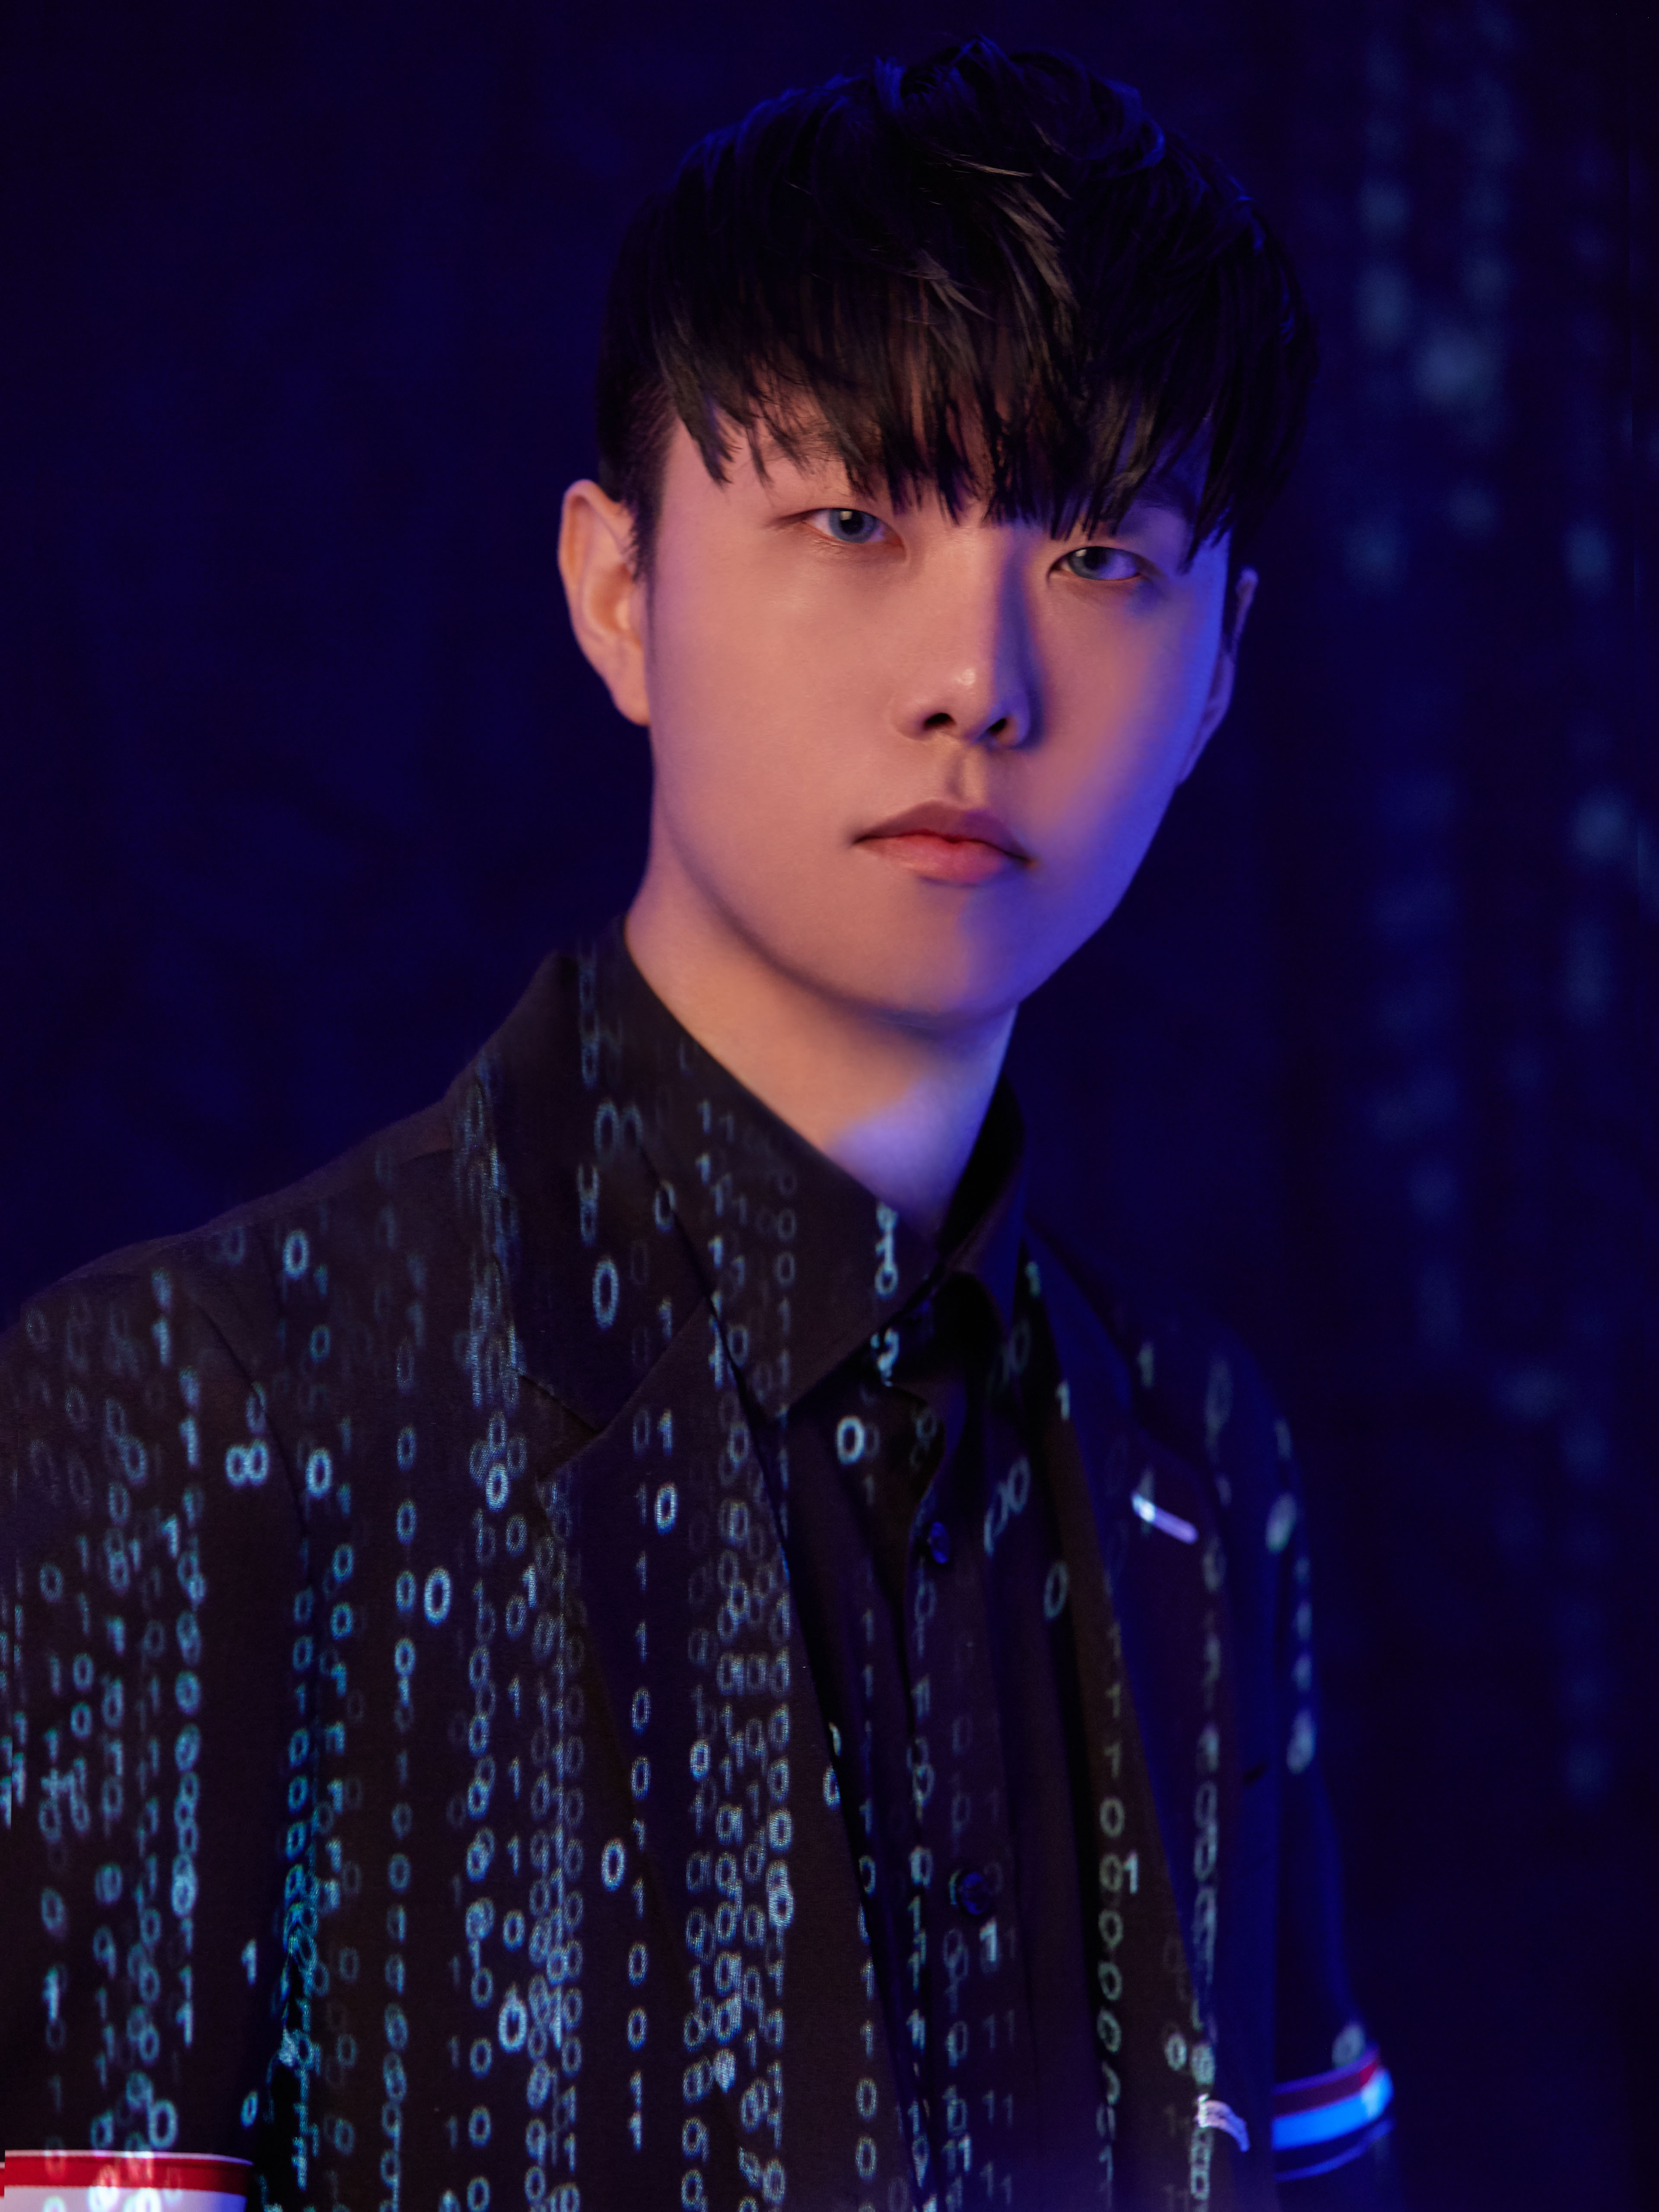 DJ兼制作人IMLAY将于8月29号发表新单曲《Without U》!